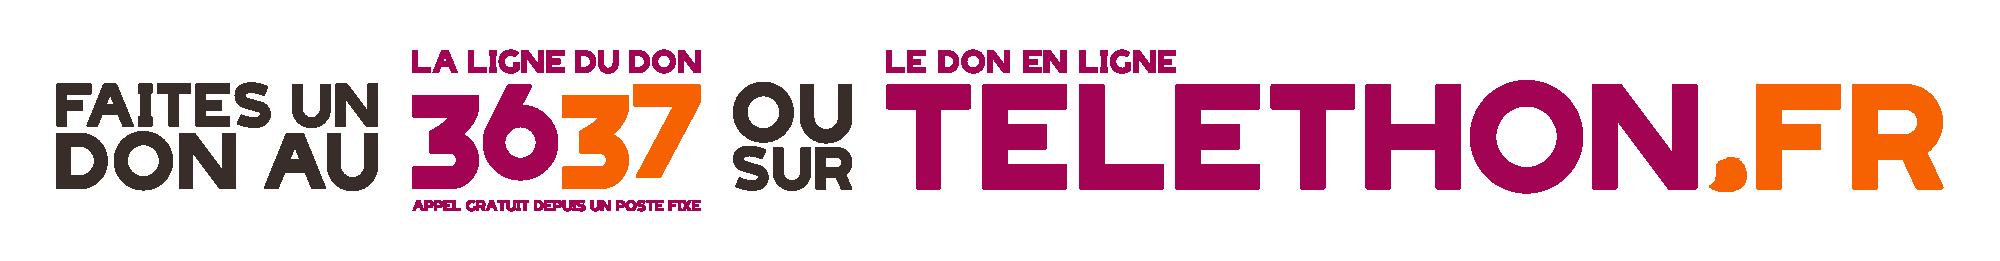 Telethon95.fr - Le Téléthon dans le Val d'Oise - News